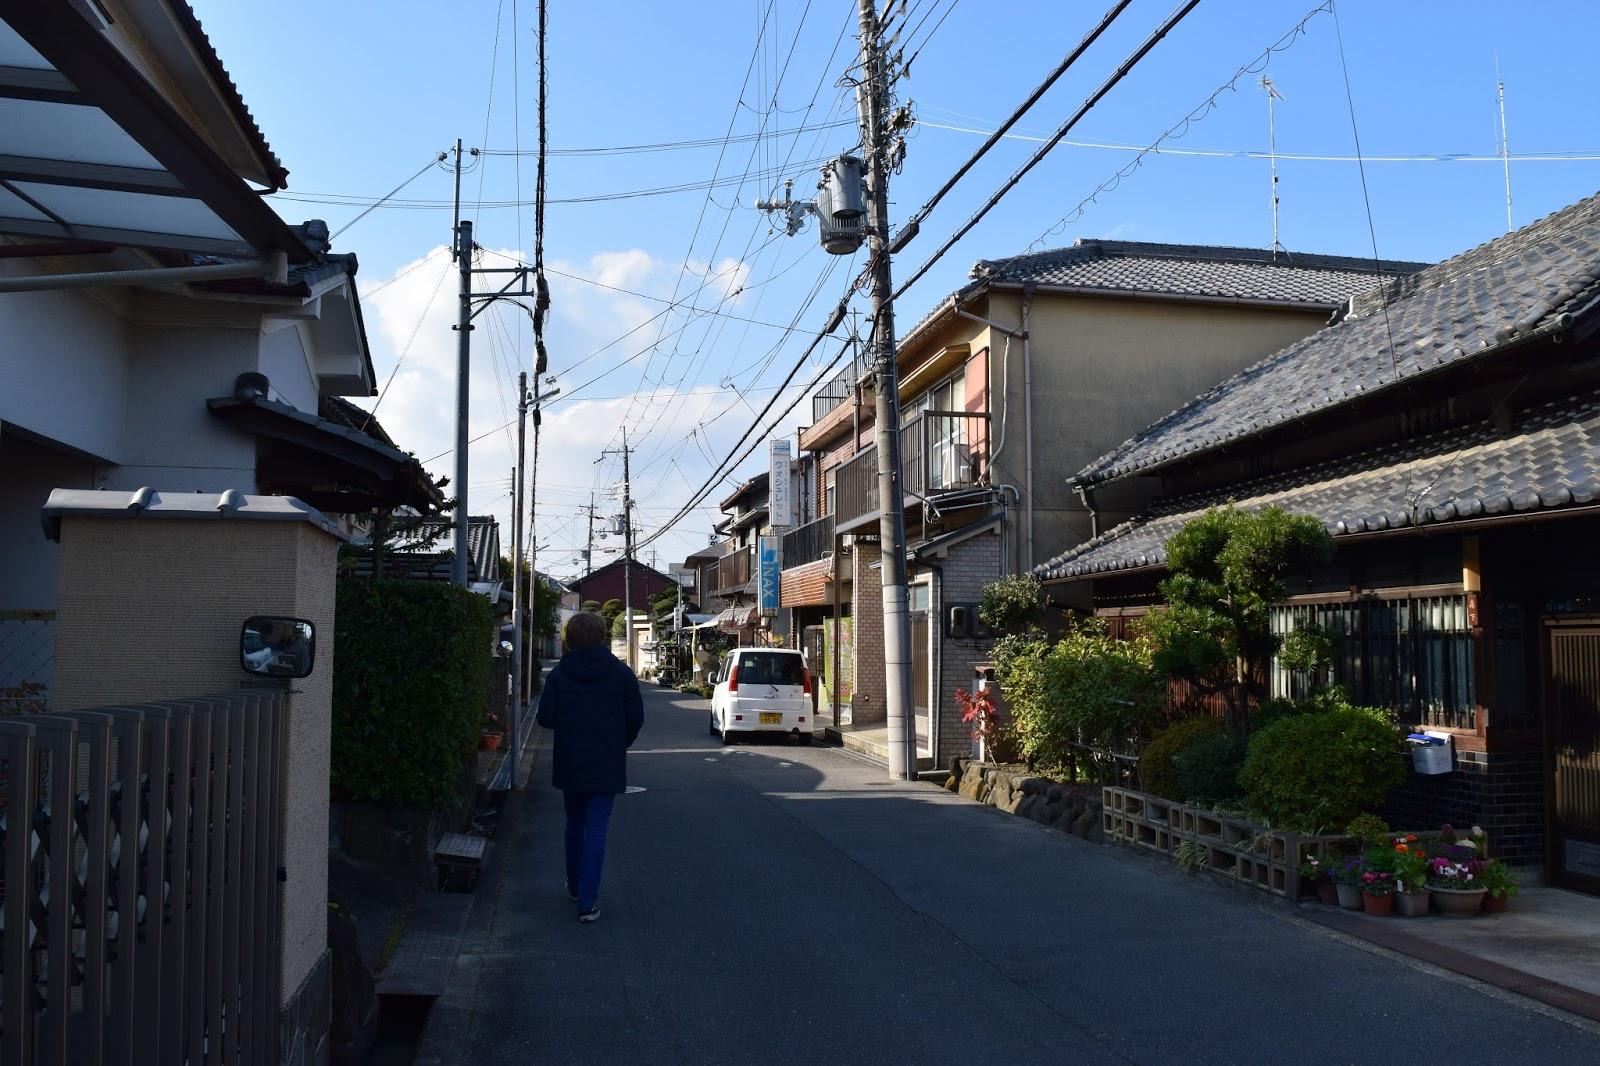 Nara Horyuji street